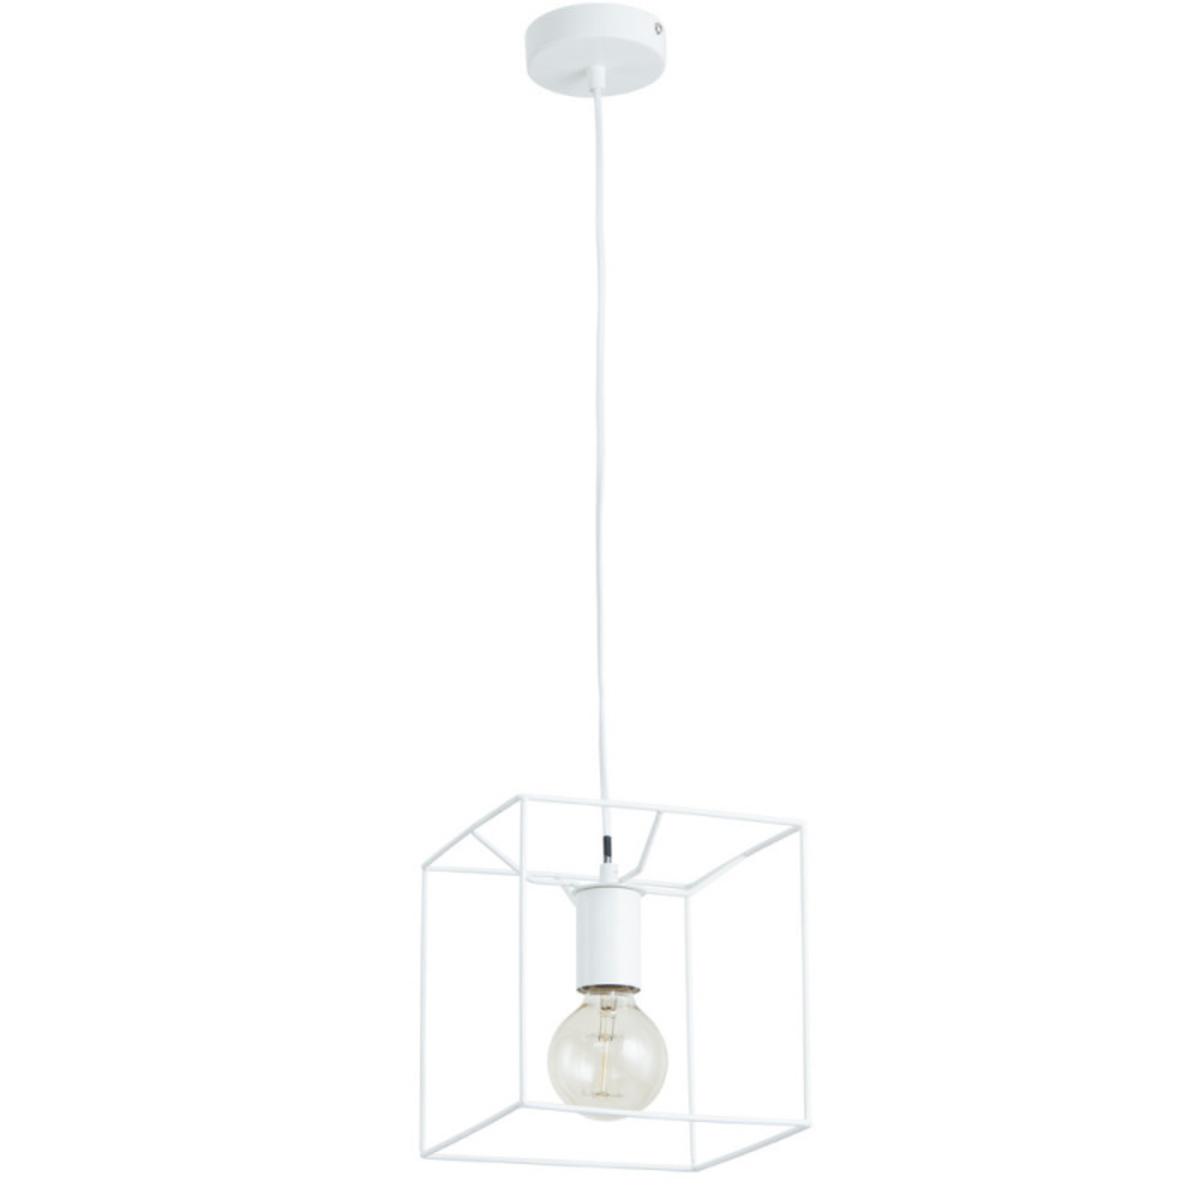 Купить Подвесной светильник RIGLA Подвесной светильник ARTE Lamp A3122SP-1WH (15796), HomeMe